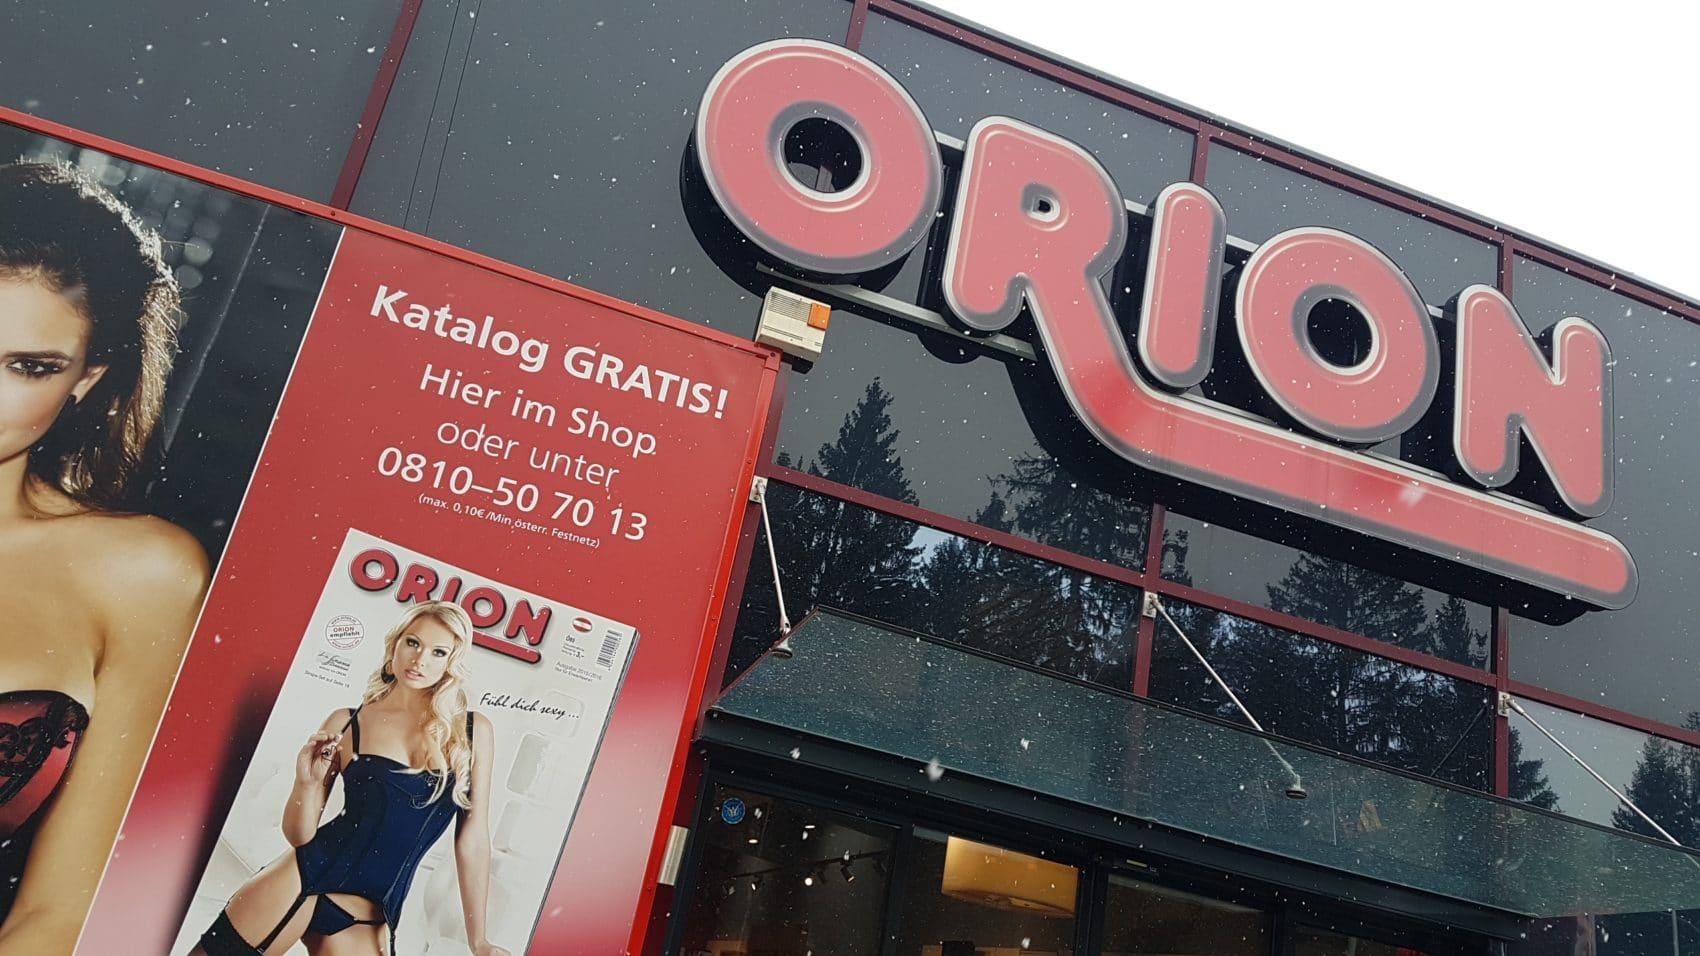 Sex shop orion